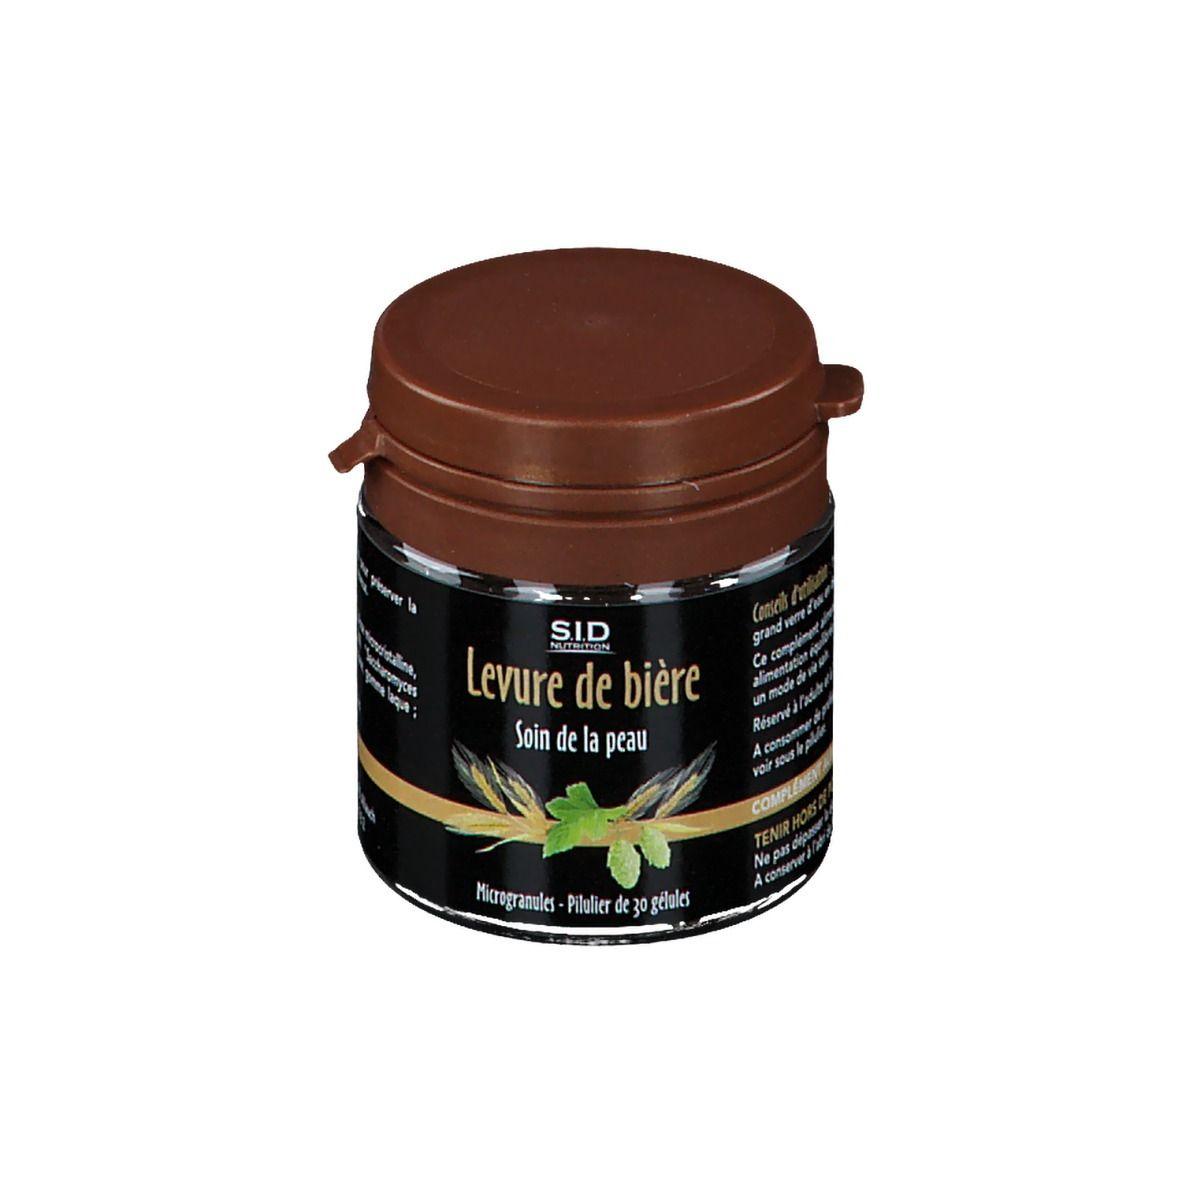 S.i.d Nutrition SID Nutrition Levure de bière pc(s) capsule(s)